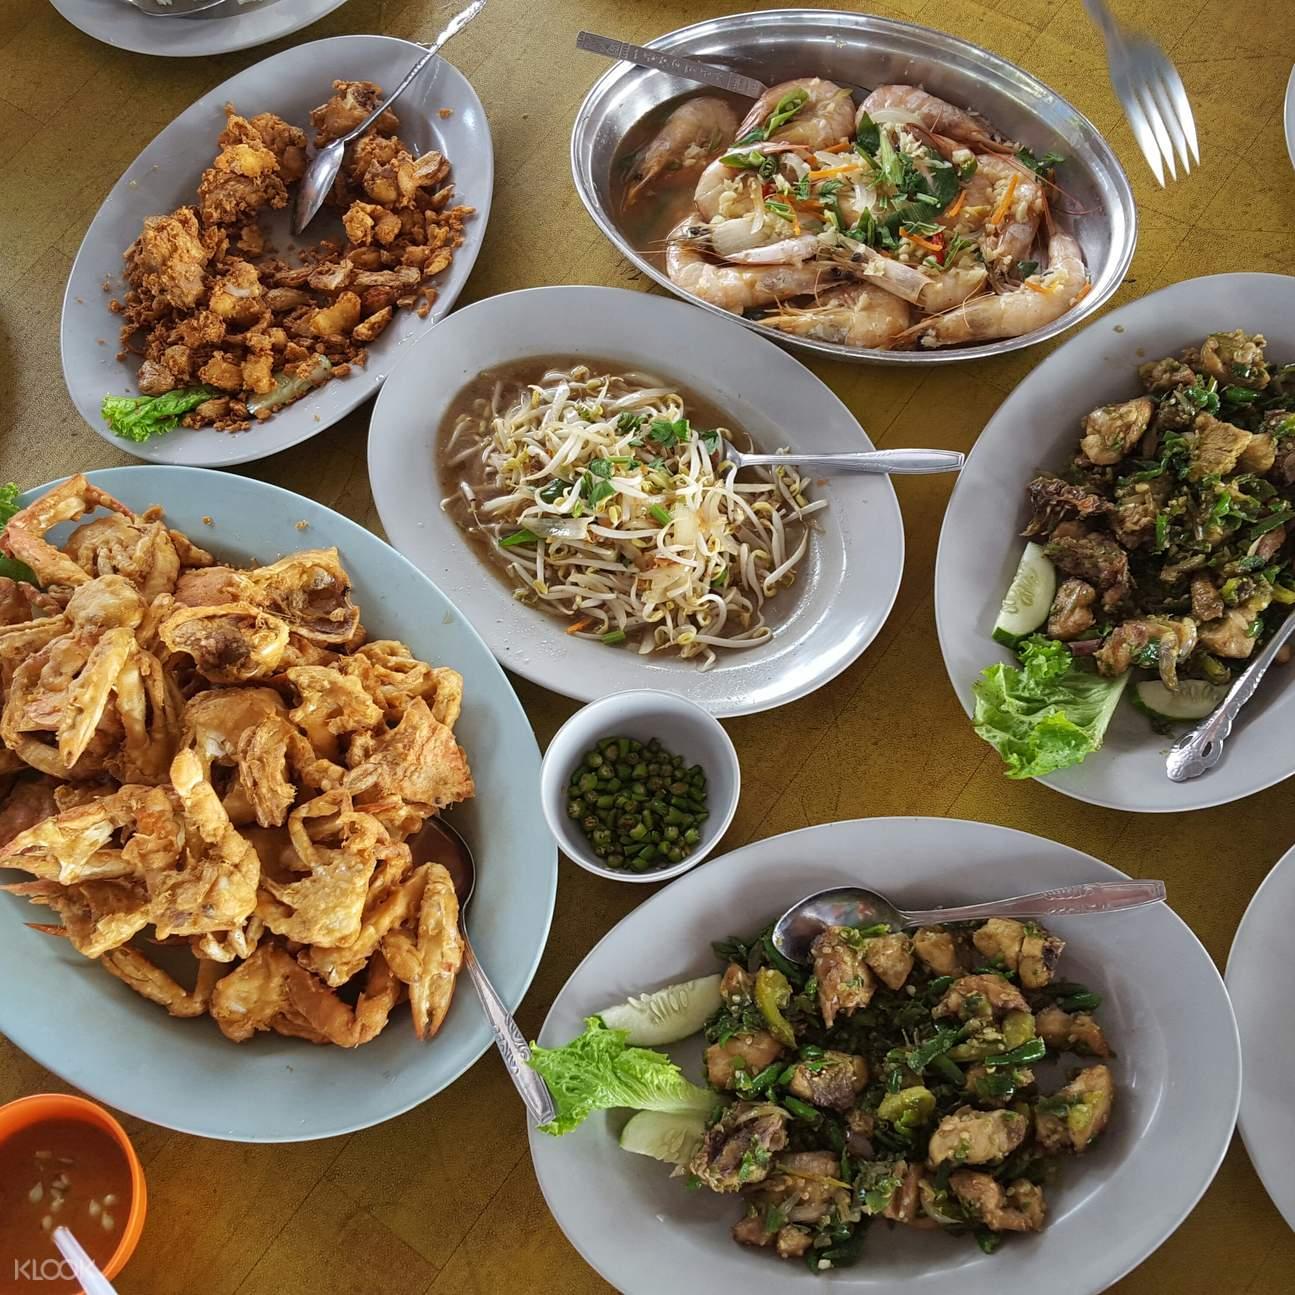 巴淡島,巴淡島一日遊,巴淡島購物,巴淡島跟團遊,巴淡島旅遊,新加坡到巴淡島